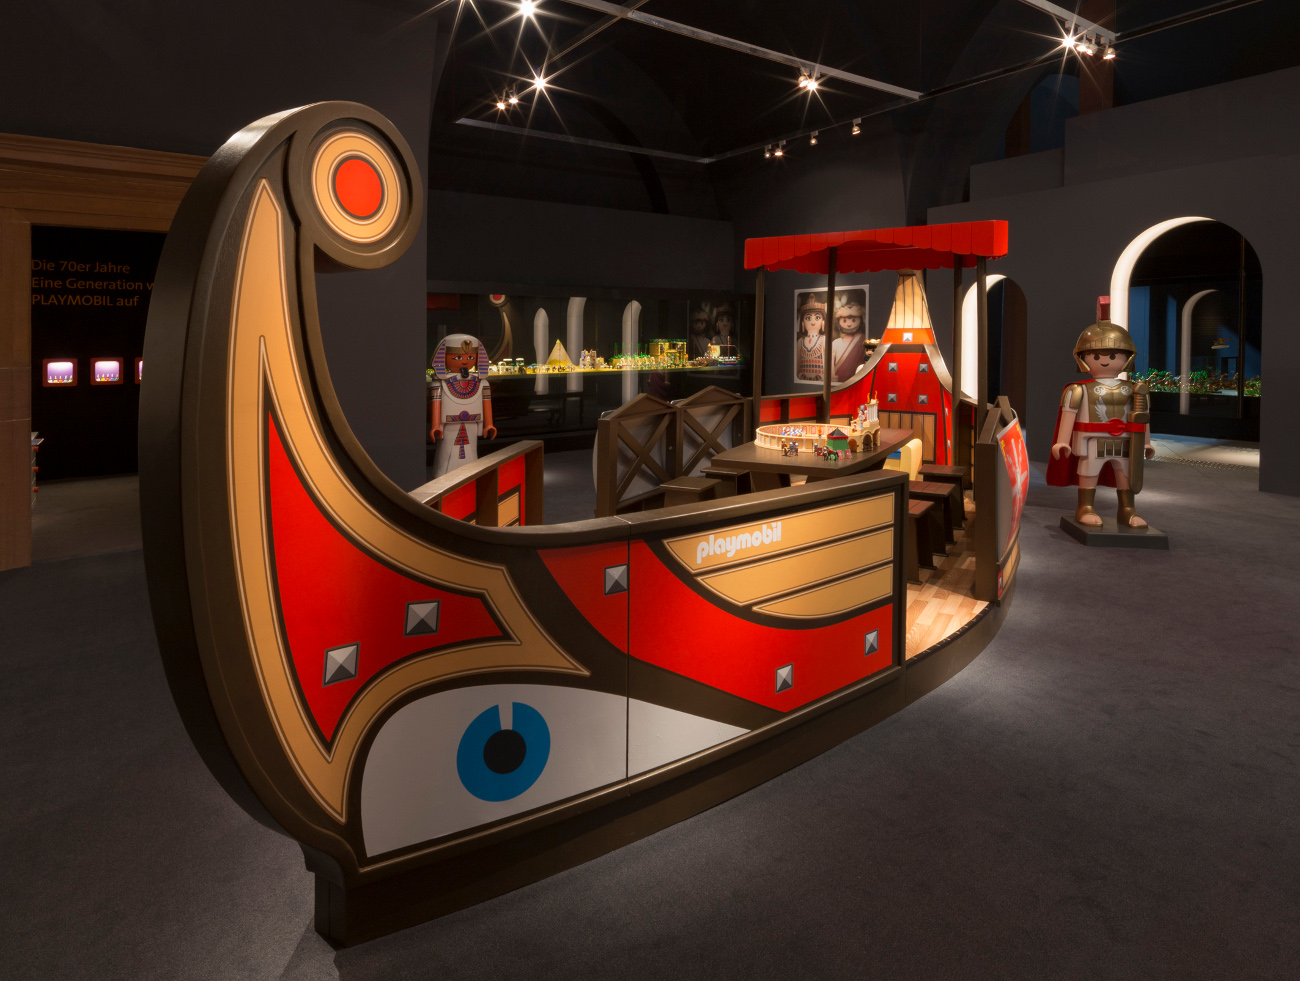 museumsreport 40 jahre playmobil im historischen museum der pfalz. Black Bedroom Furniture Sets. Home Design Ideas